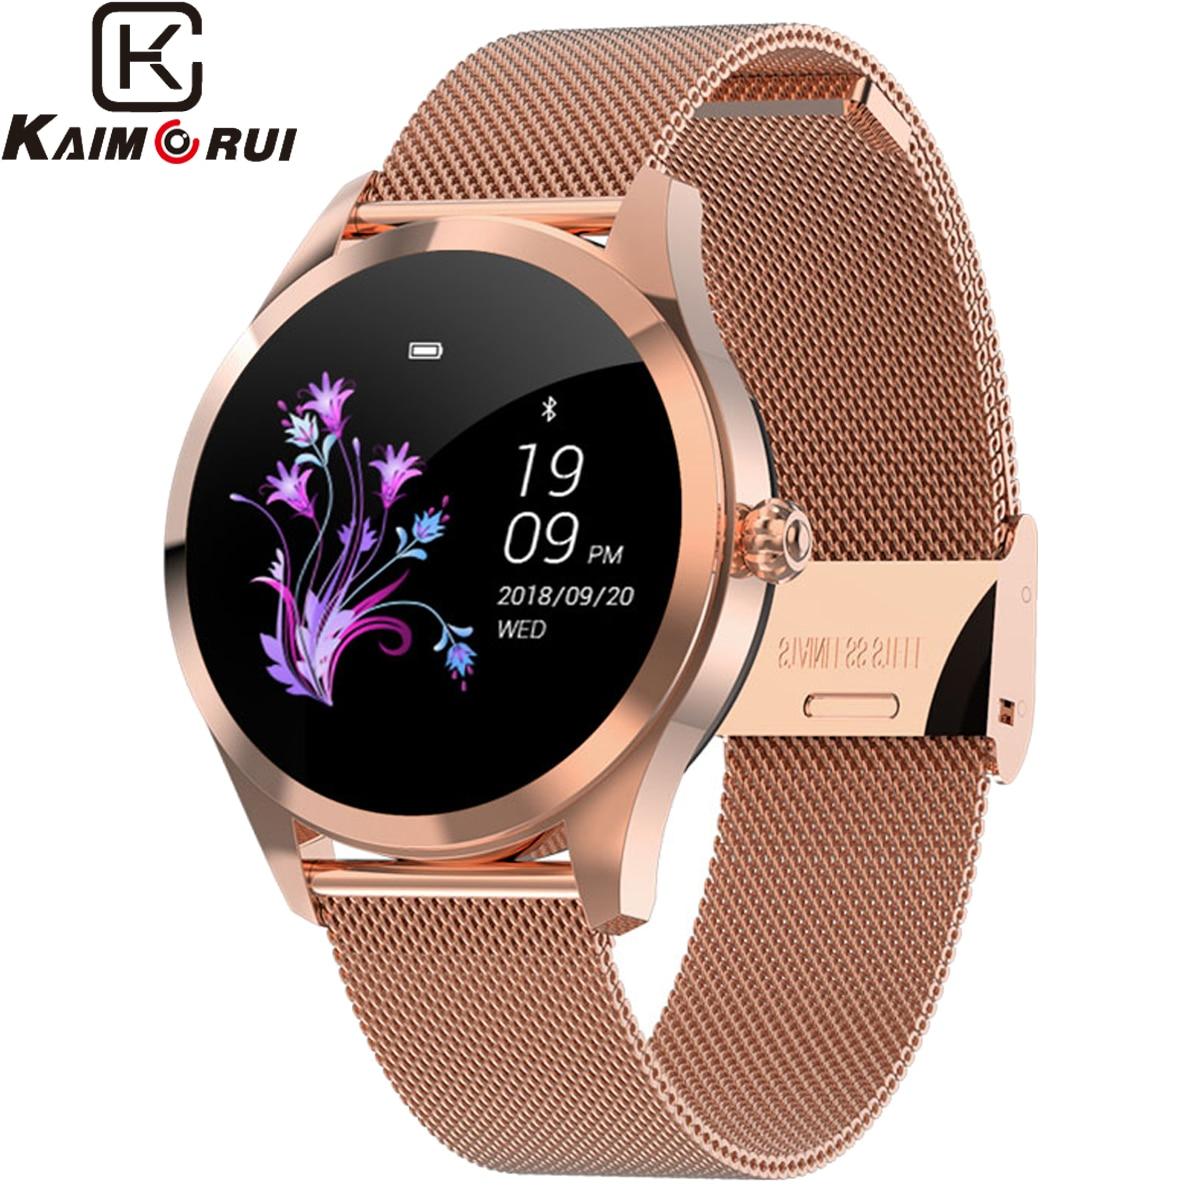 2019 nouvelle montre intelligente femmes KW10 fréquence cardiaque Bluetooth montre intelligente IP68 étanche montres intelligentes montre de Cycle physiologique pour IOS